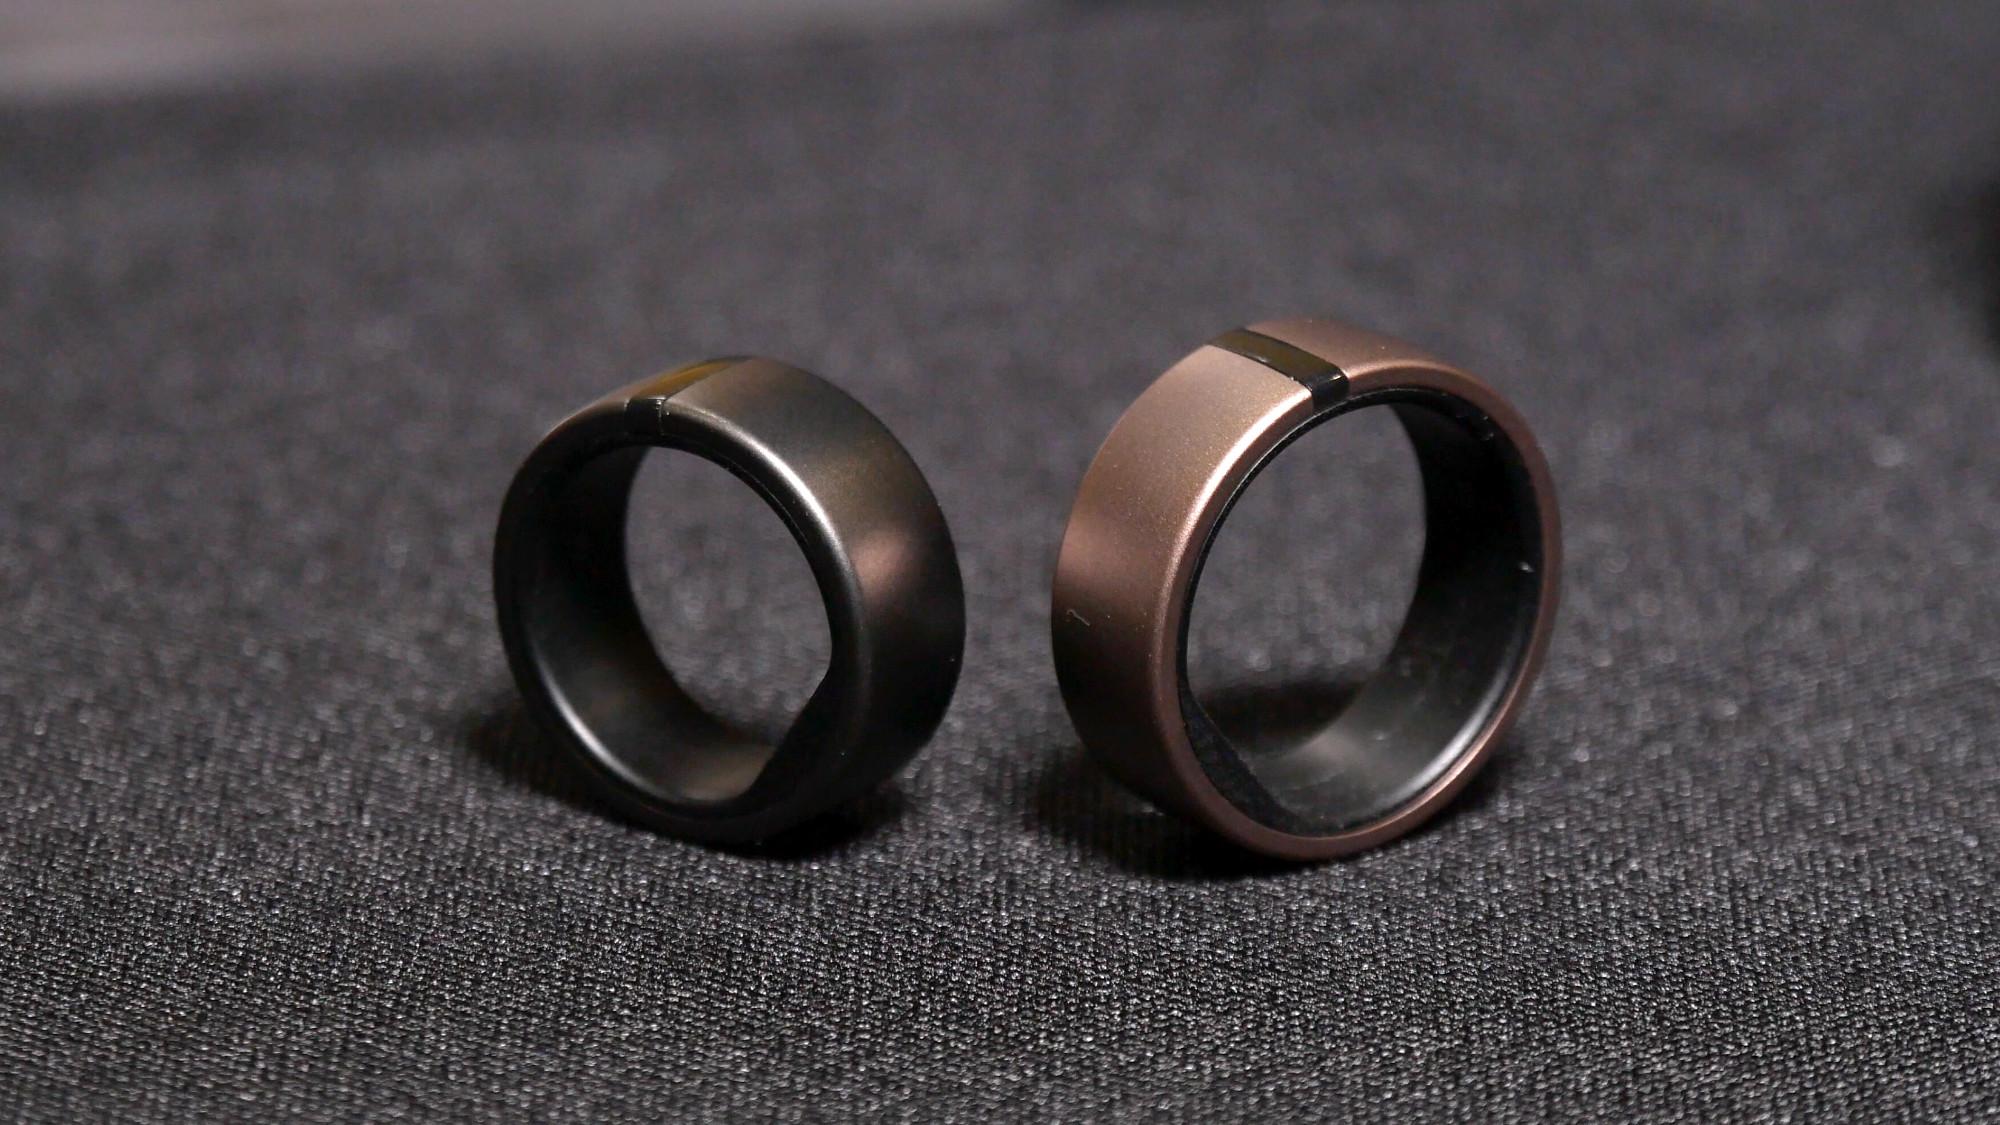 Motiv Ring detail shot formaten